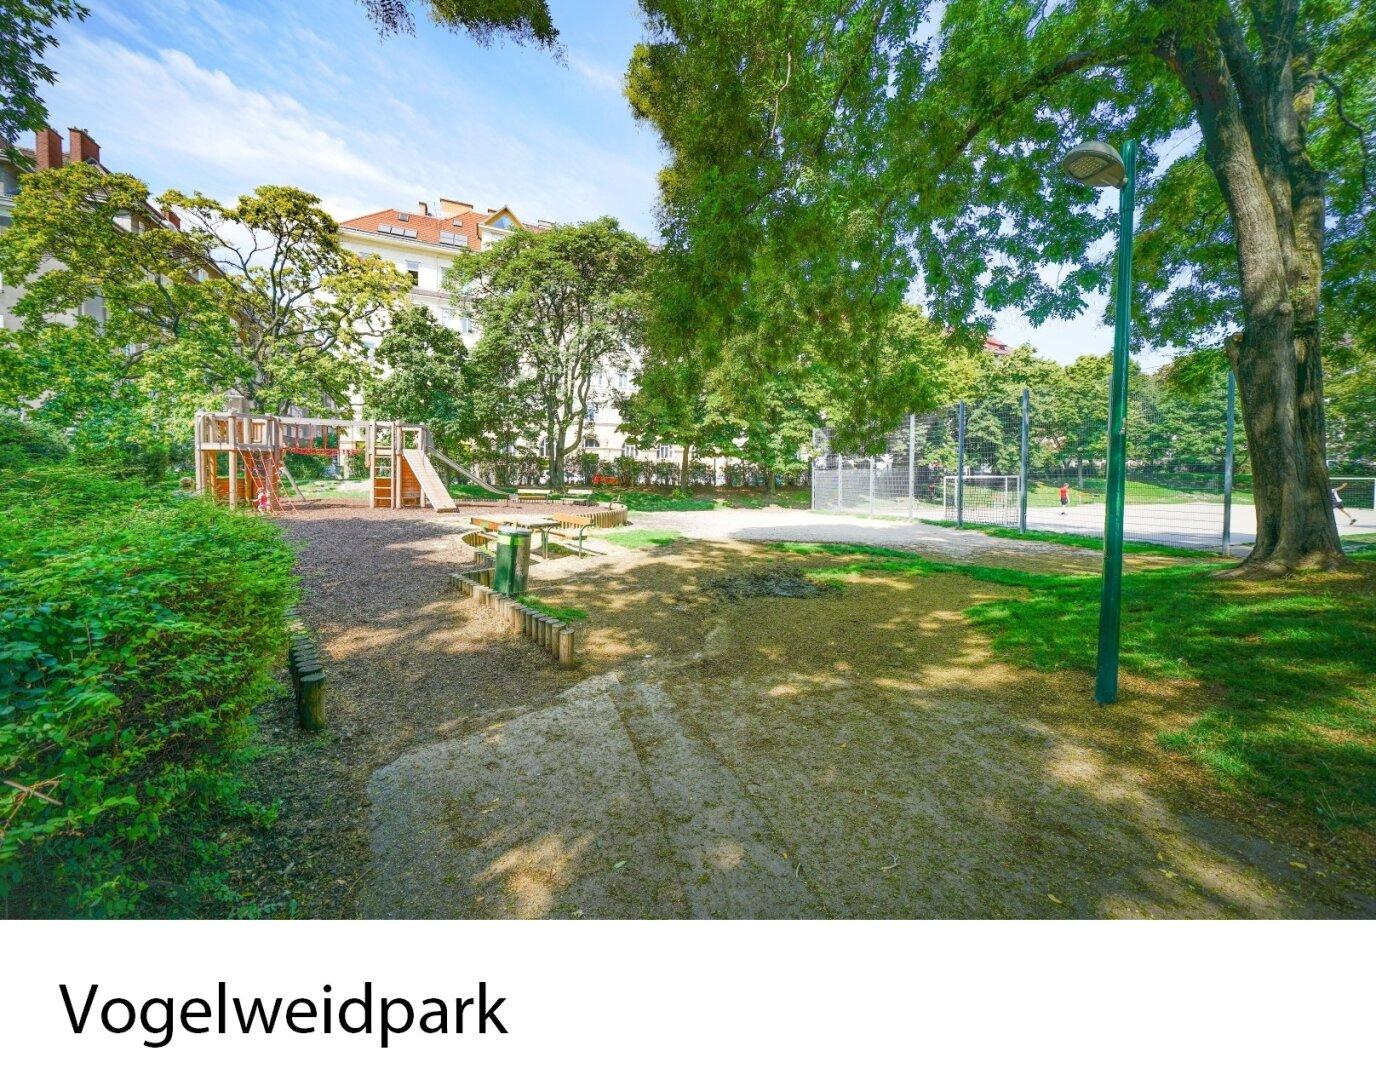 Nahe Vogelweidpark